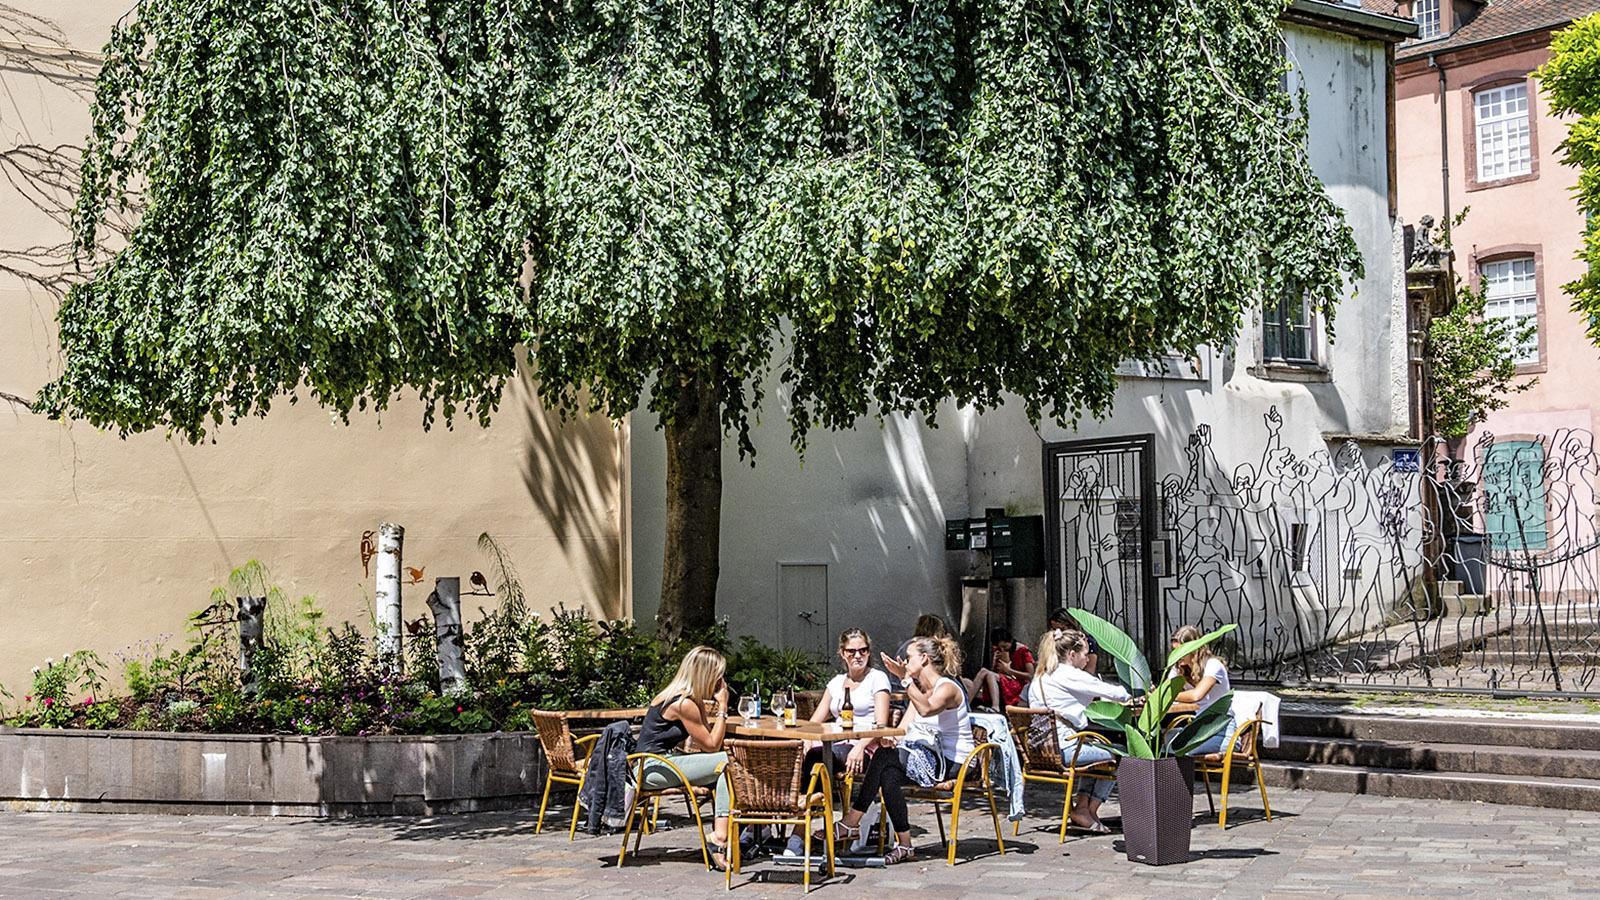 Shopping und schauen: ein Freiluftlokal der Fußgängerzone der historischen Altstadt.